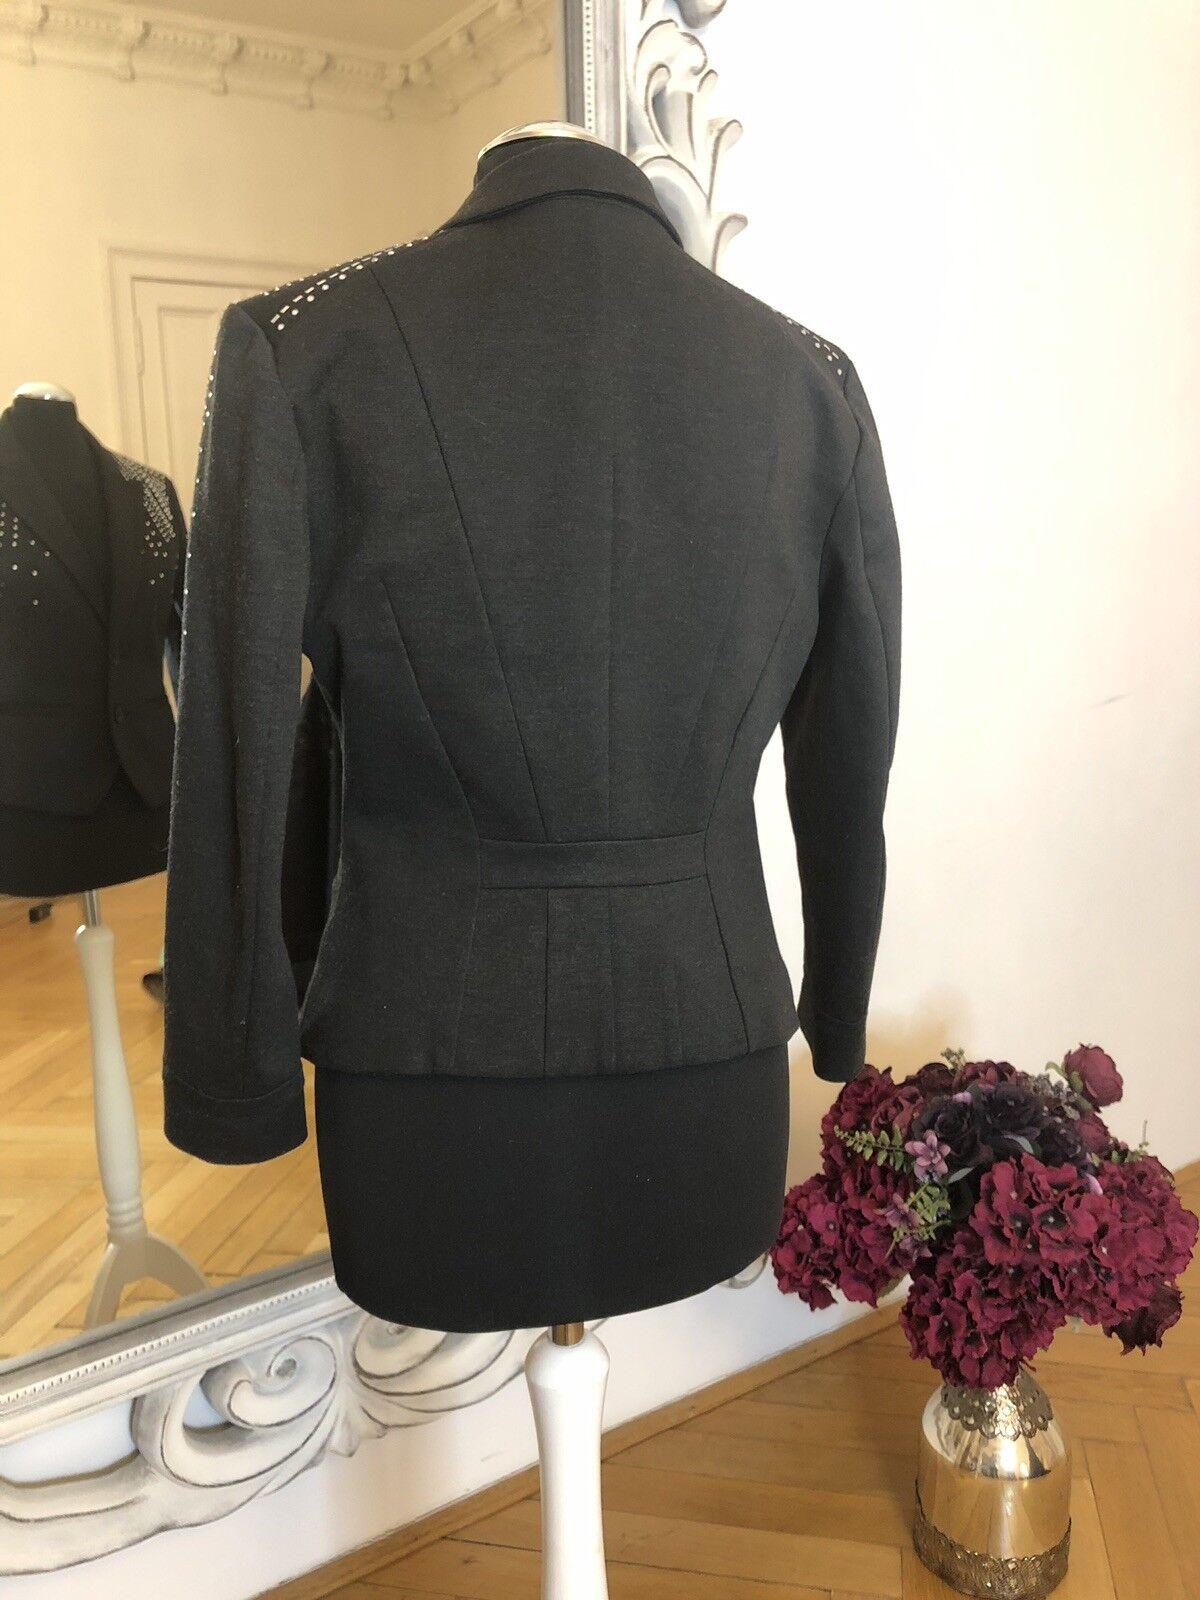 H&M Blazer mit Strass | | | Förderung  | Modern Und Elegant In Der Mode  | Offizielle Webseite  c3edc7